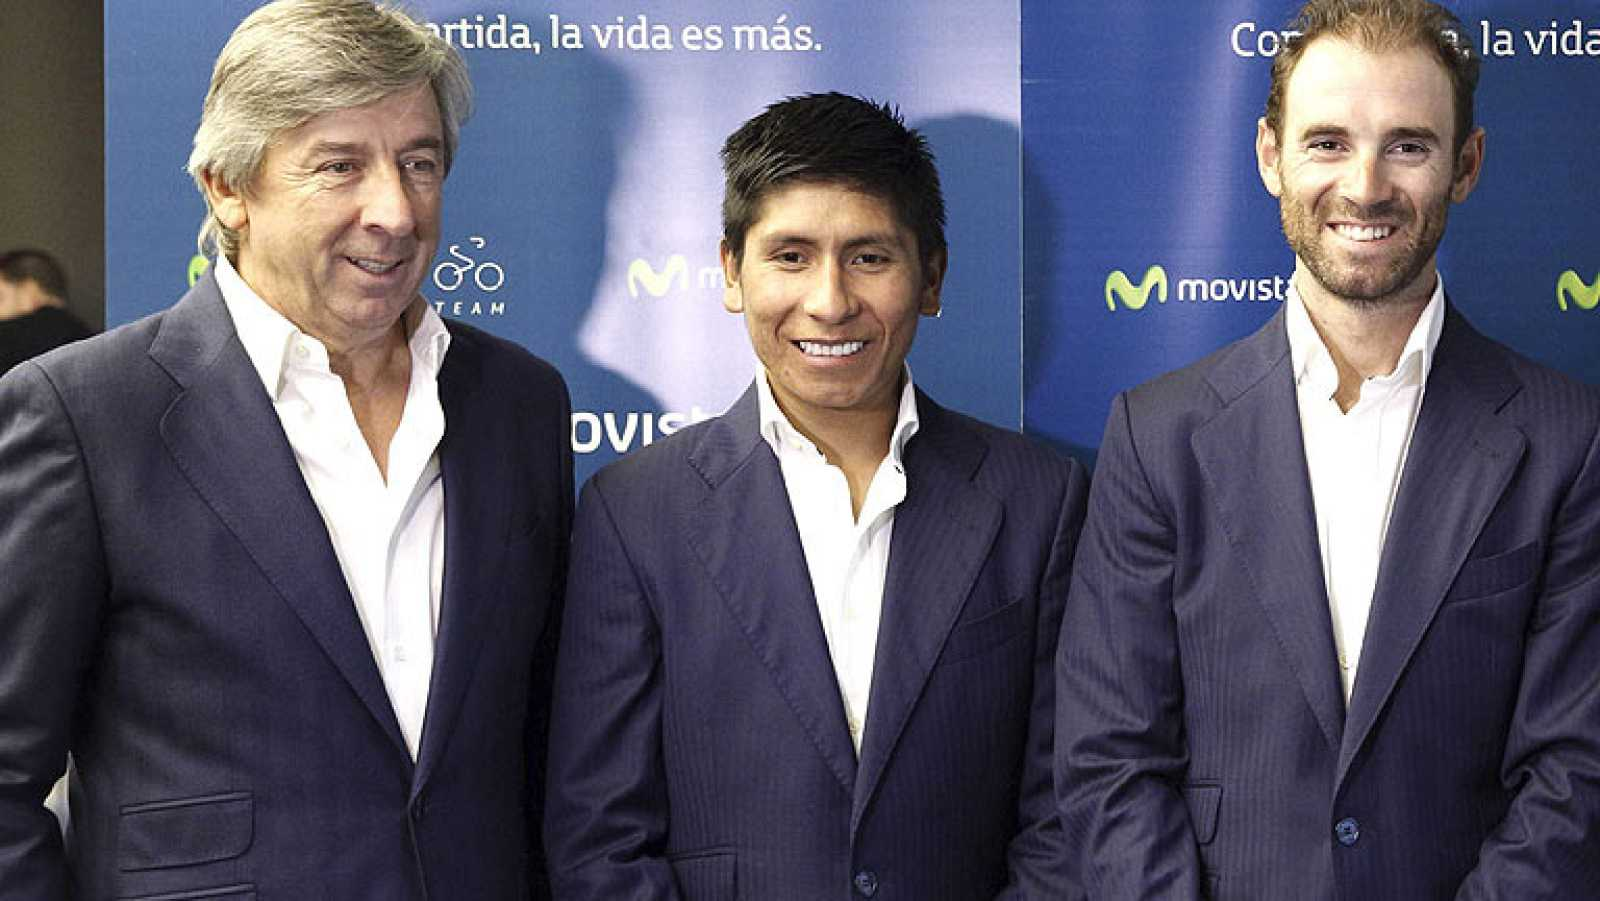 La firma Movistar ha renovado tres años más su patrocinio con el equipo ciclista que dirige Eusebio Unzue, que mantendrá como líderes de la formación a Alejandro Valverde y Nairo Quintana.